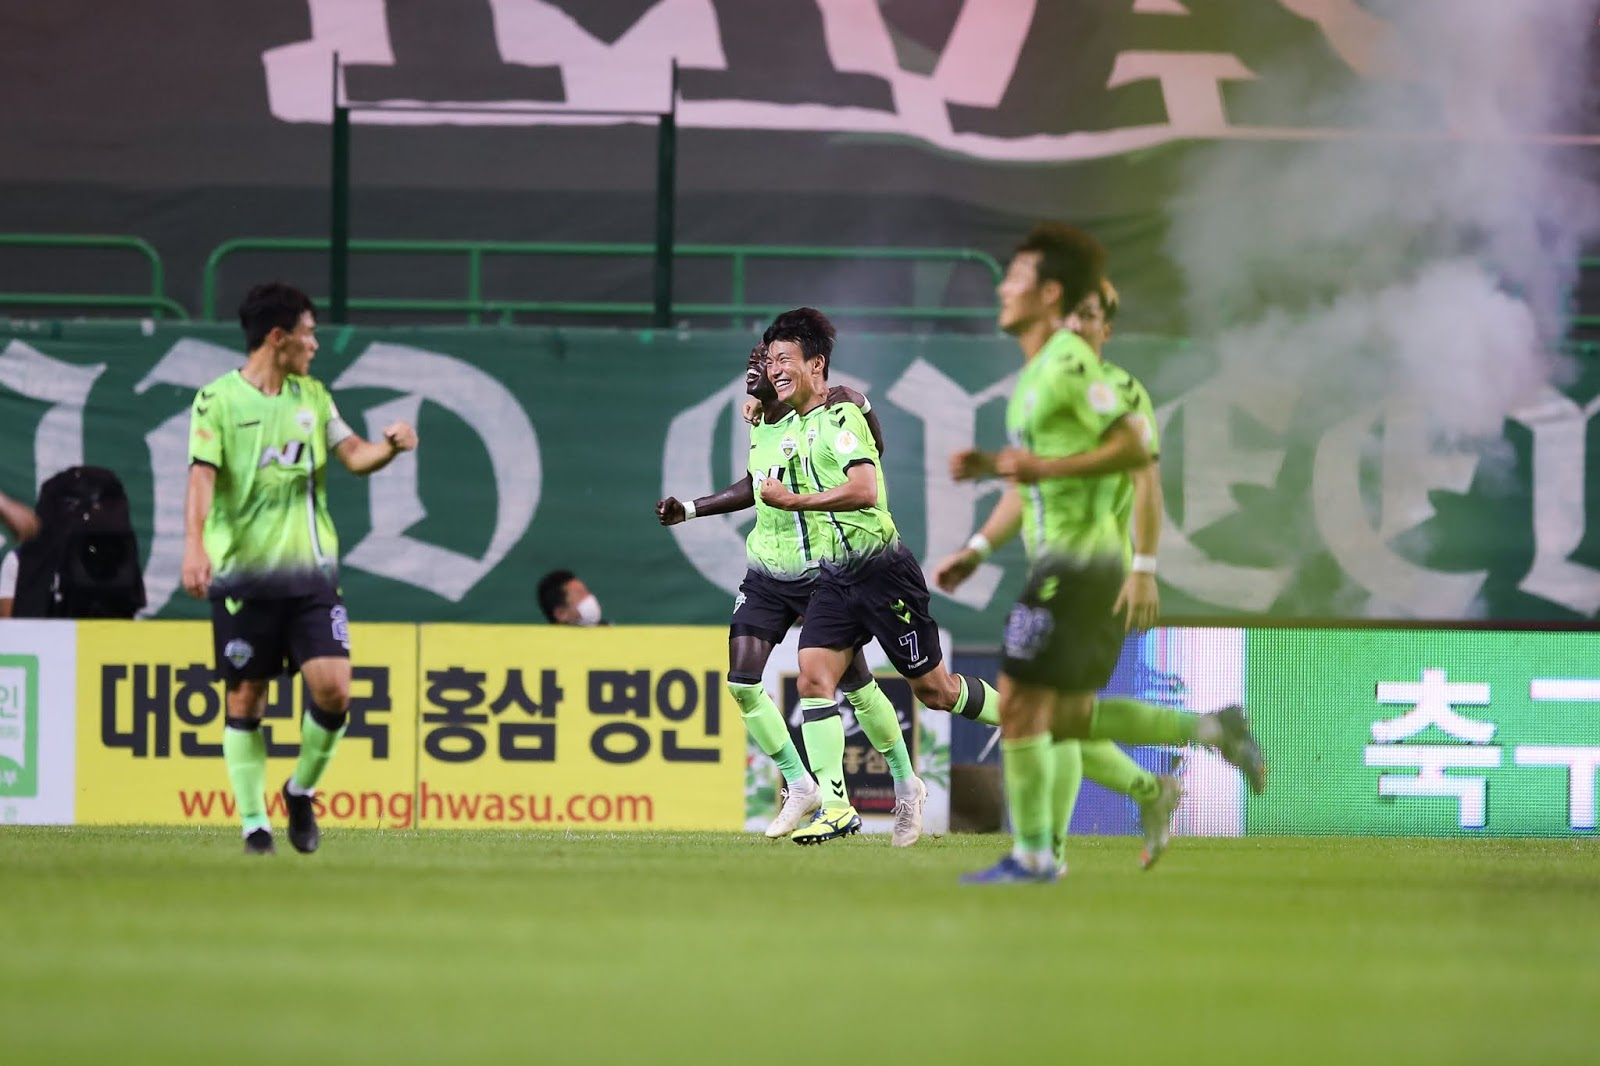 K League 1 Preview: Jeonbuk Hyundai Motors vs Busan IPark